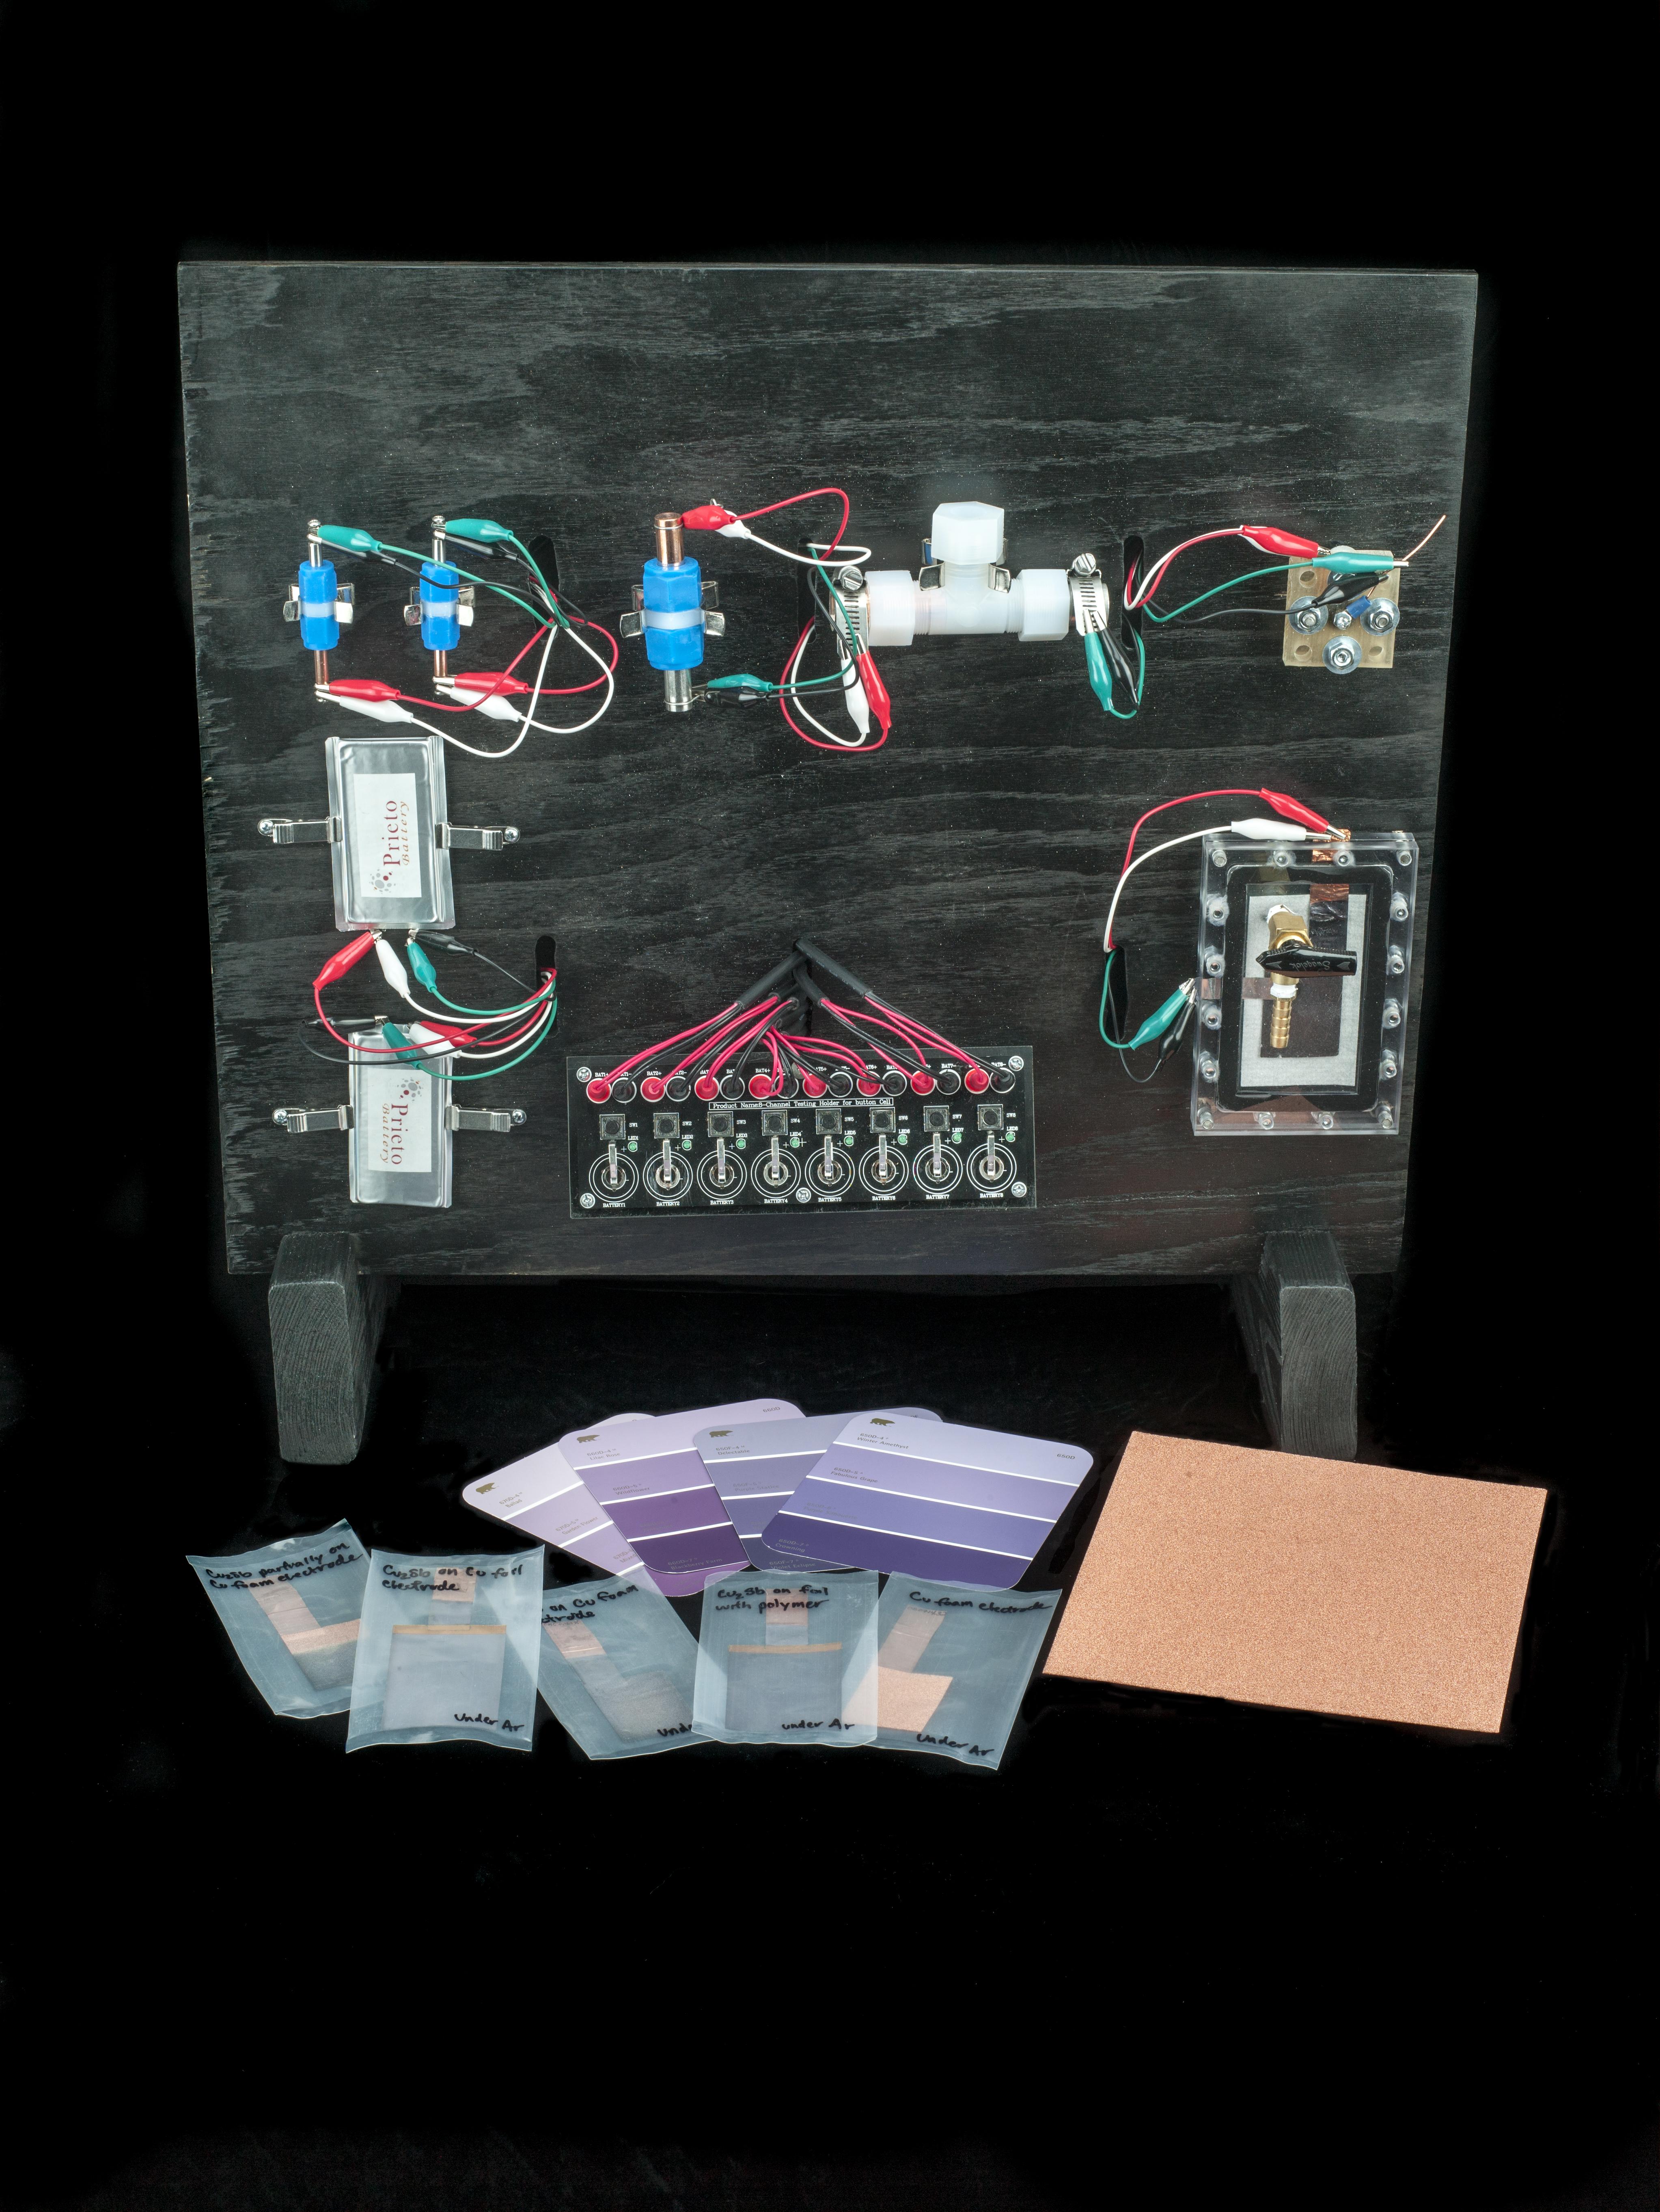 Prieto Prototype Battery Components, 2014